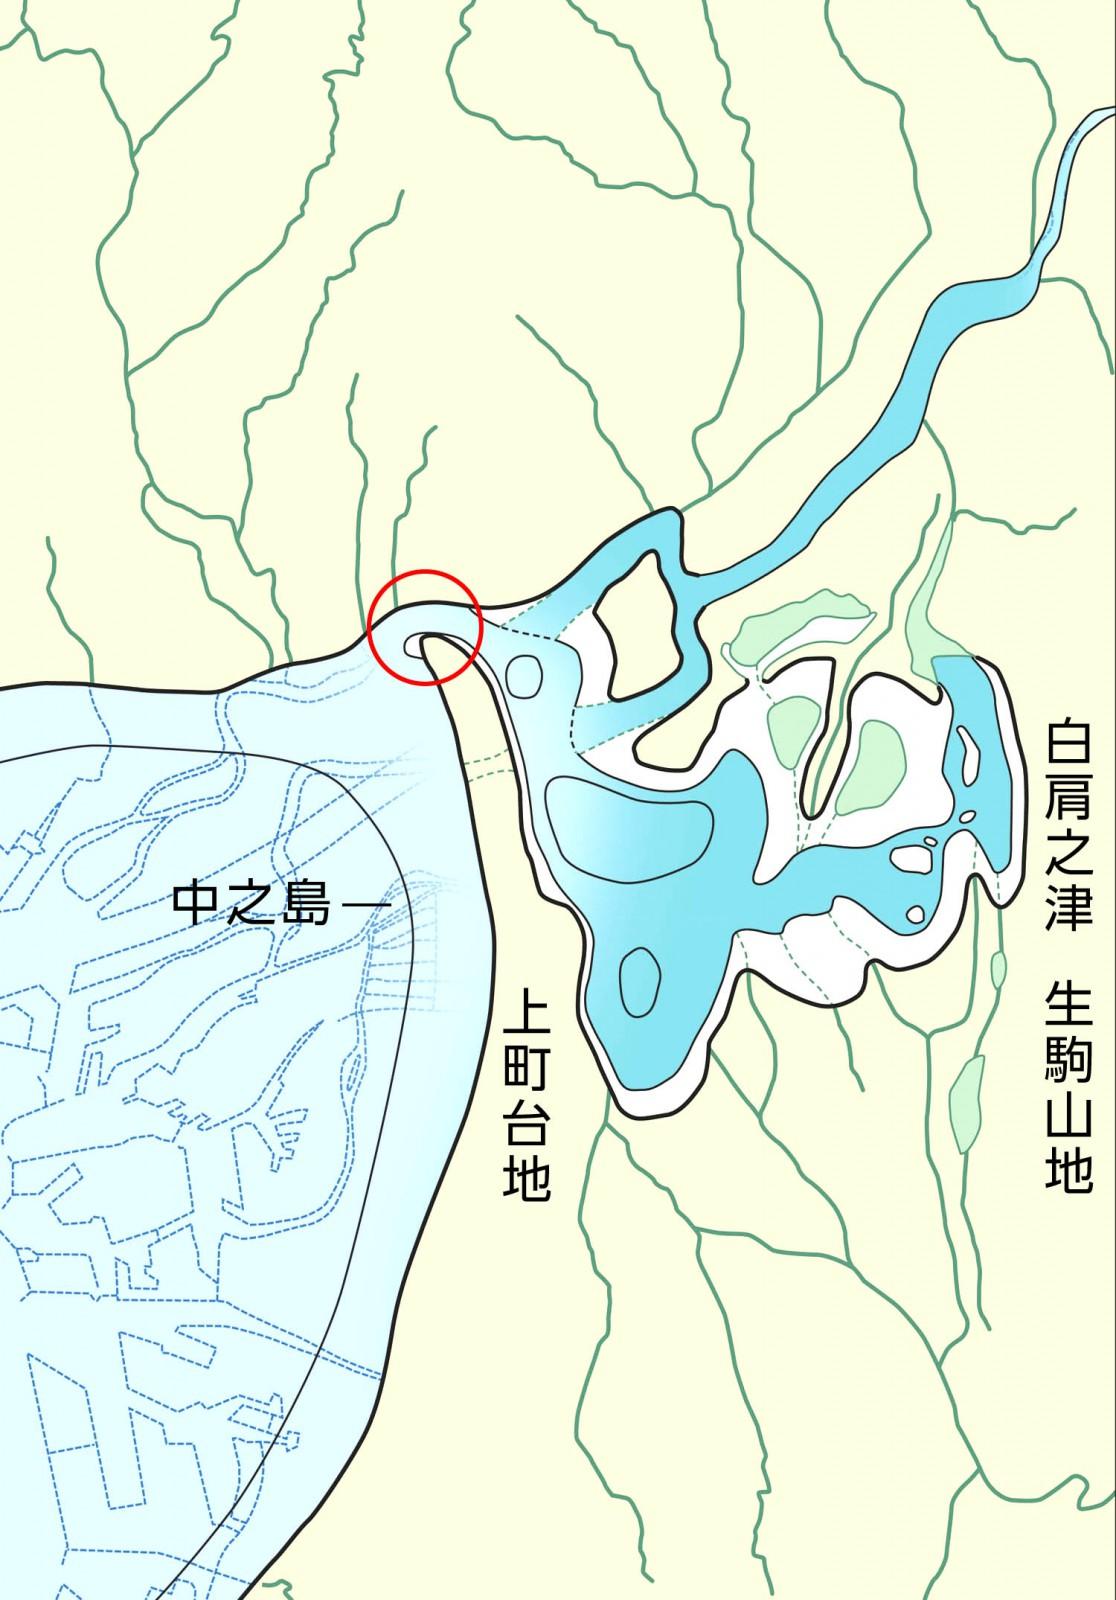 約1800~1600年前の古地理図 − イワレ彦の大船団は砂州の先端部(〇印)を通過して白肩之津に上陸したのだろうか。